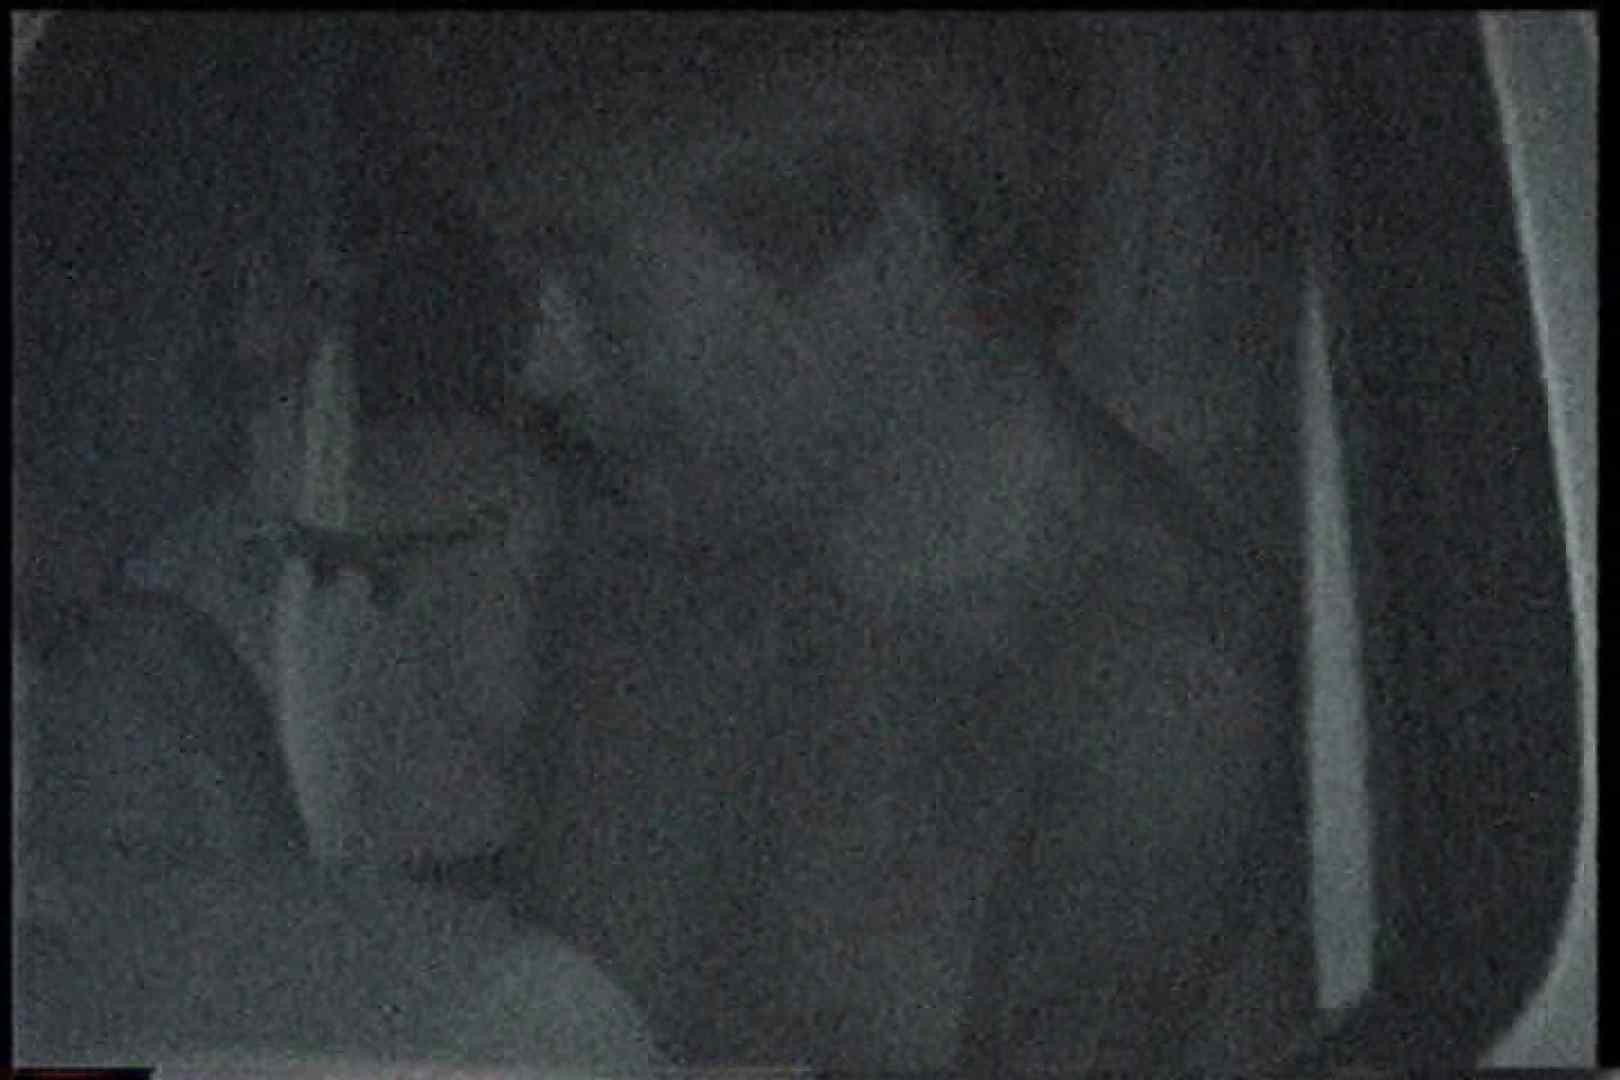 充血監督の深夜の運動会Vol.177 前編 エッチなセックス オメコ動画キャプチャ 88画像 66